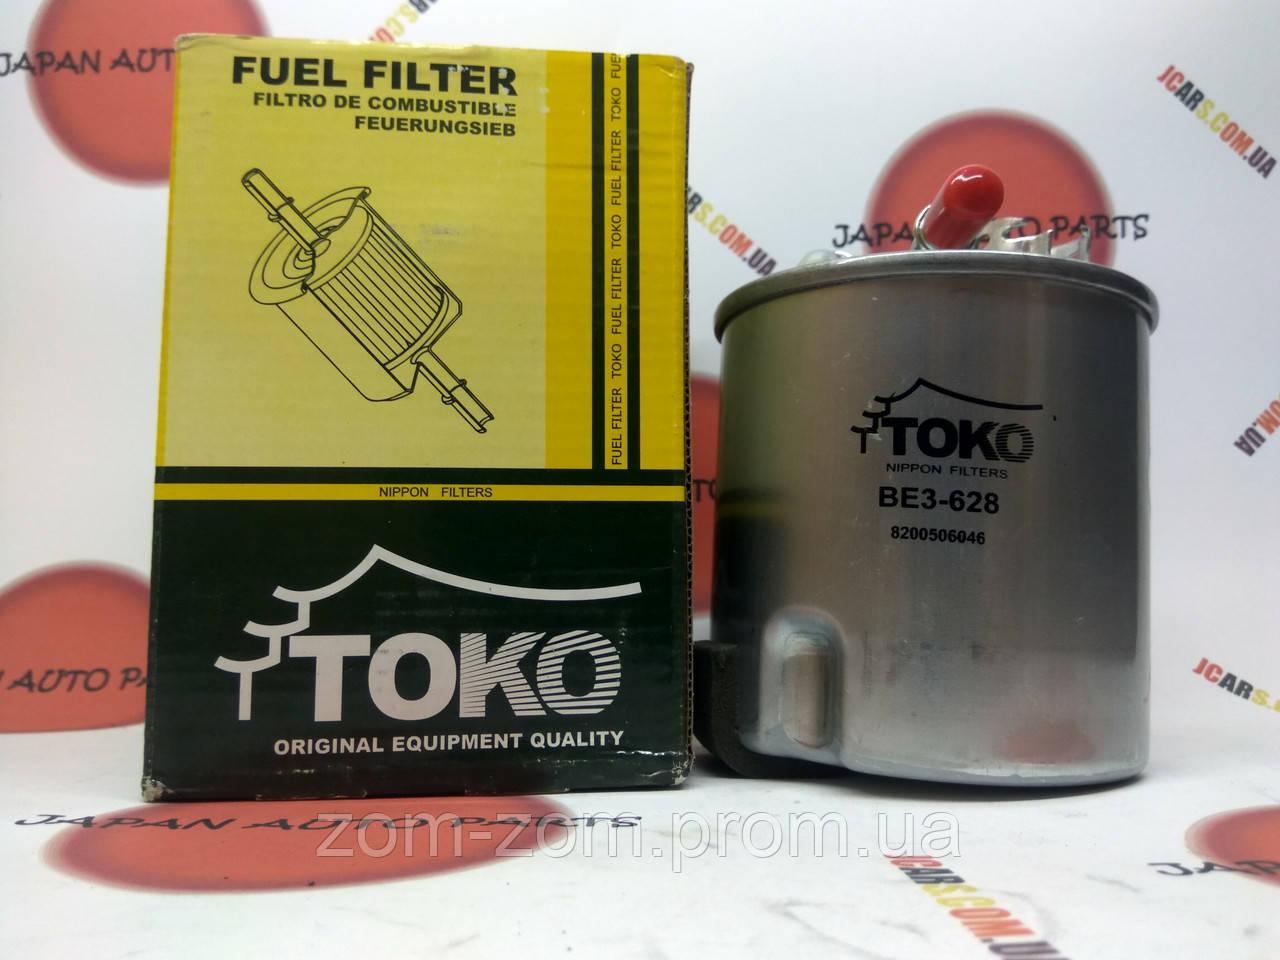 Фильтр топливный BE3-628